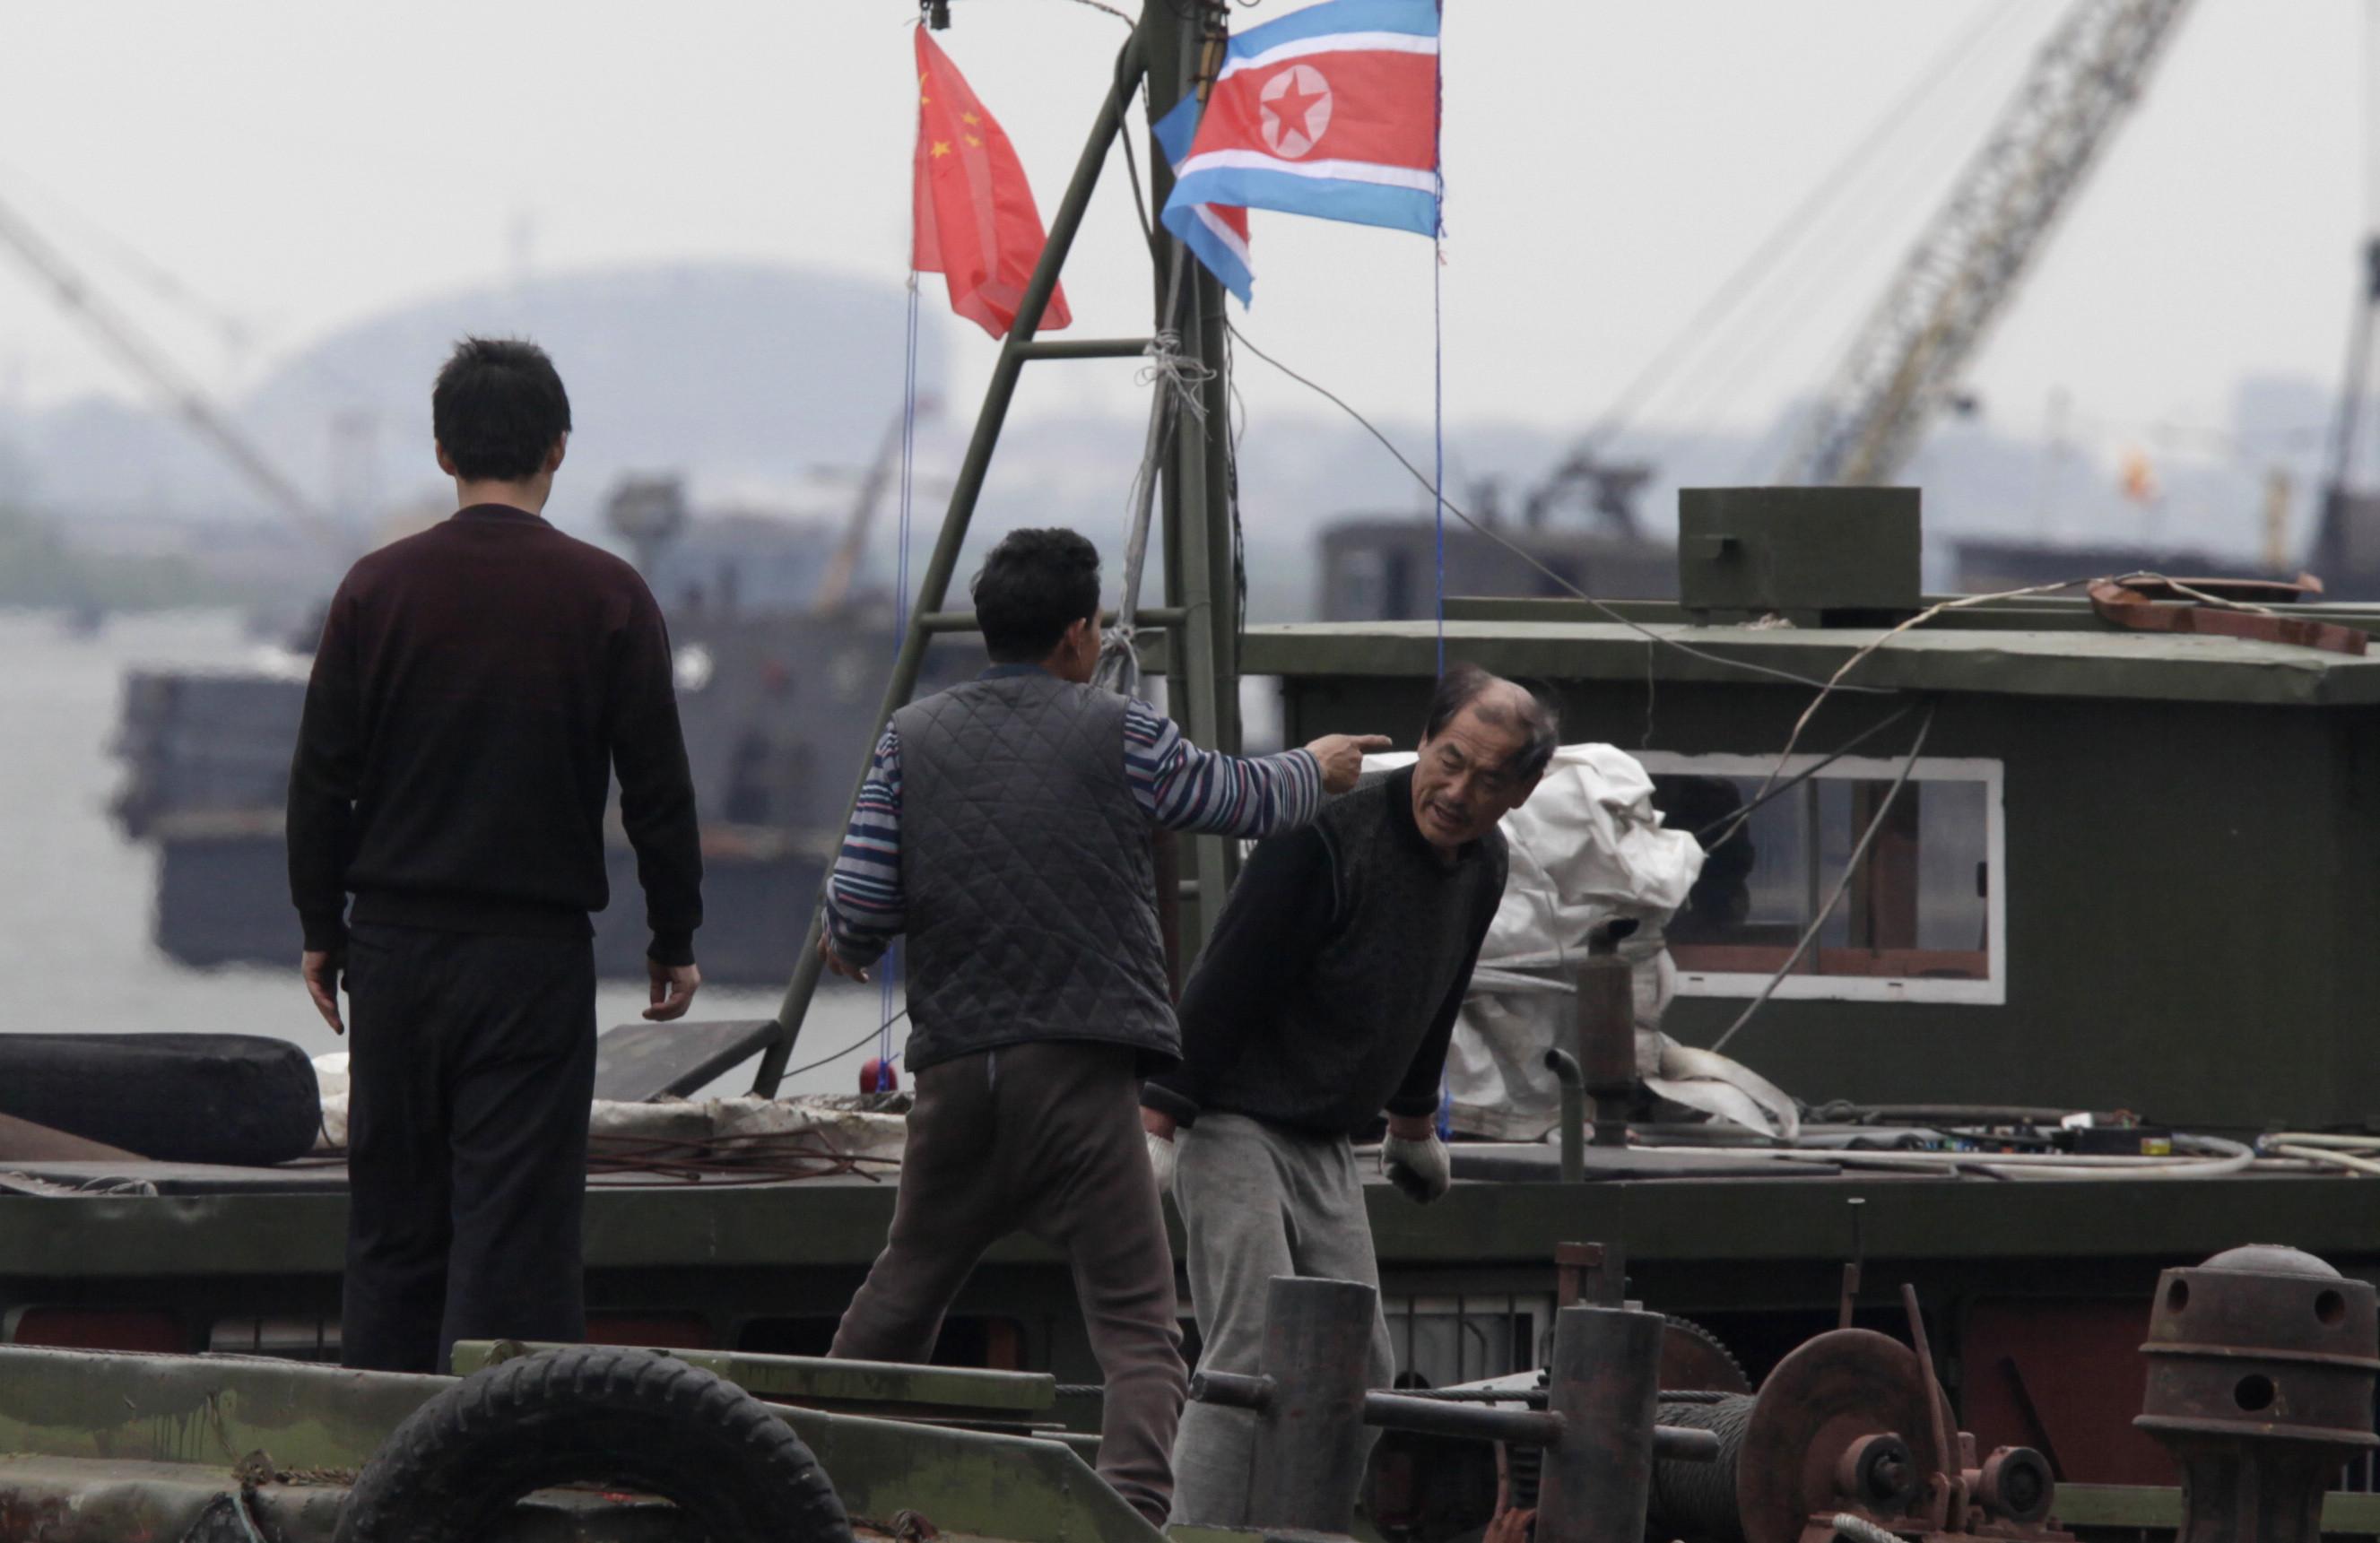 ▲▼北韓遠洋漁業船長崔某,因聽取國外廣播而遭槍決死亡。(示意圖,非當事者/達志影像/美聯社)